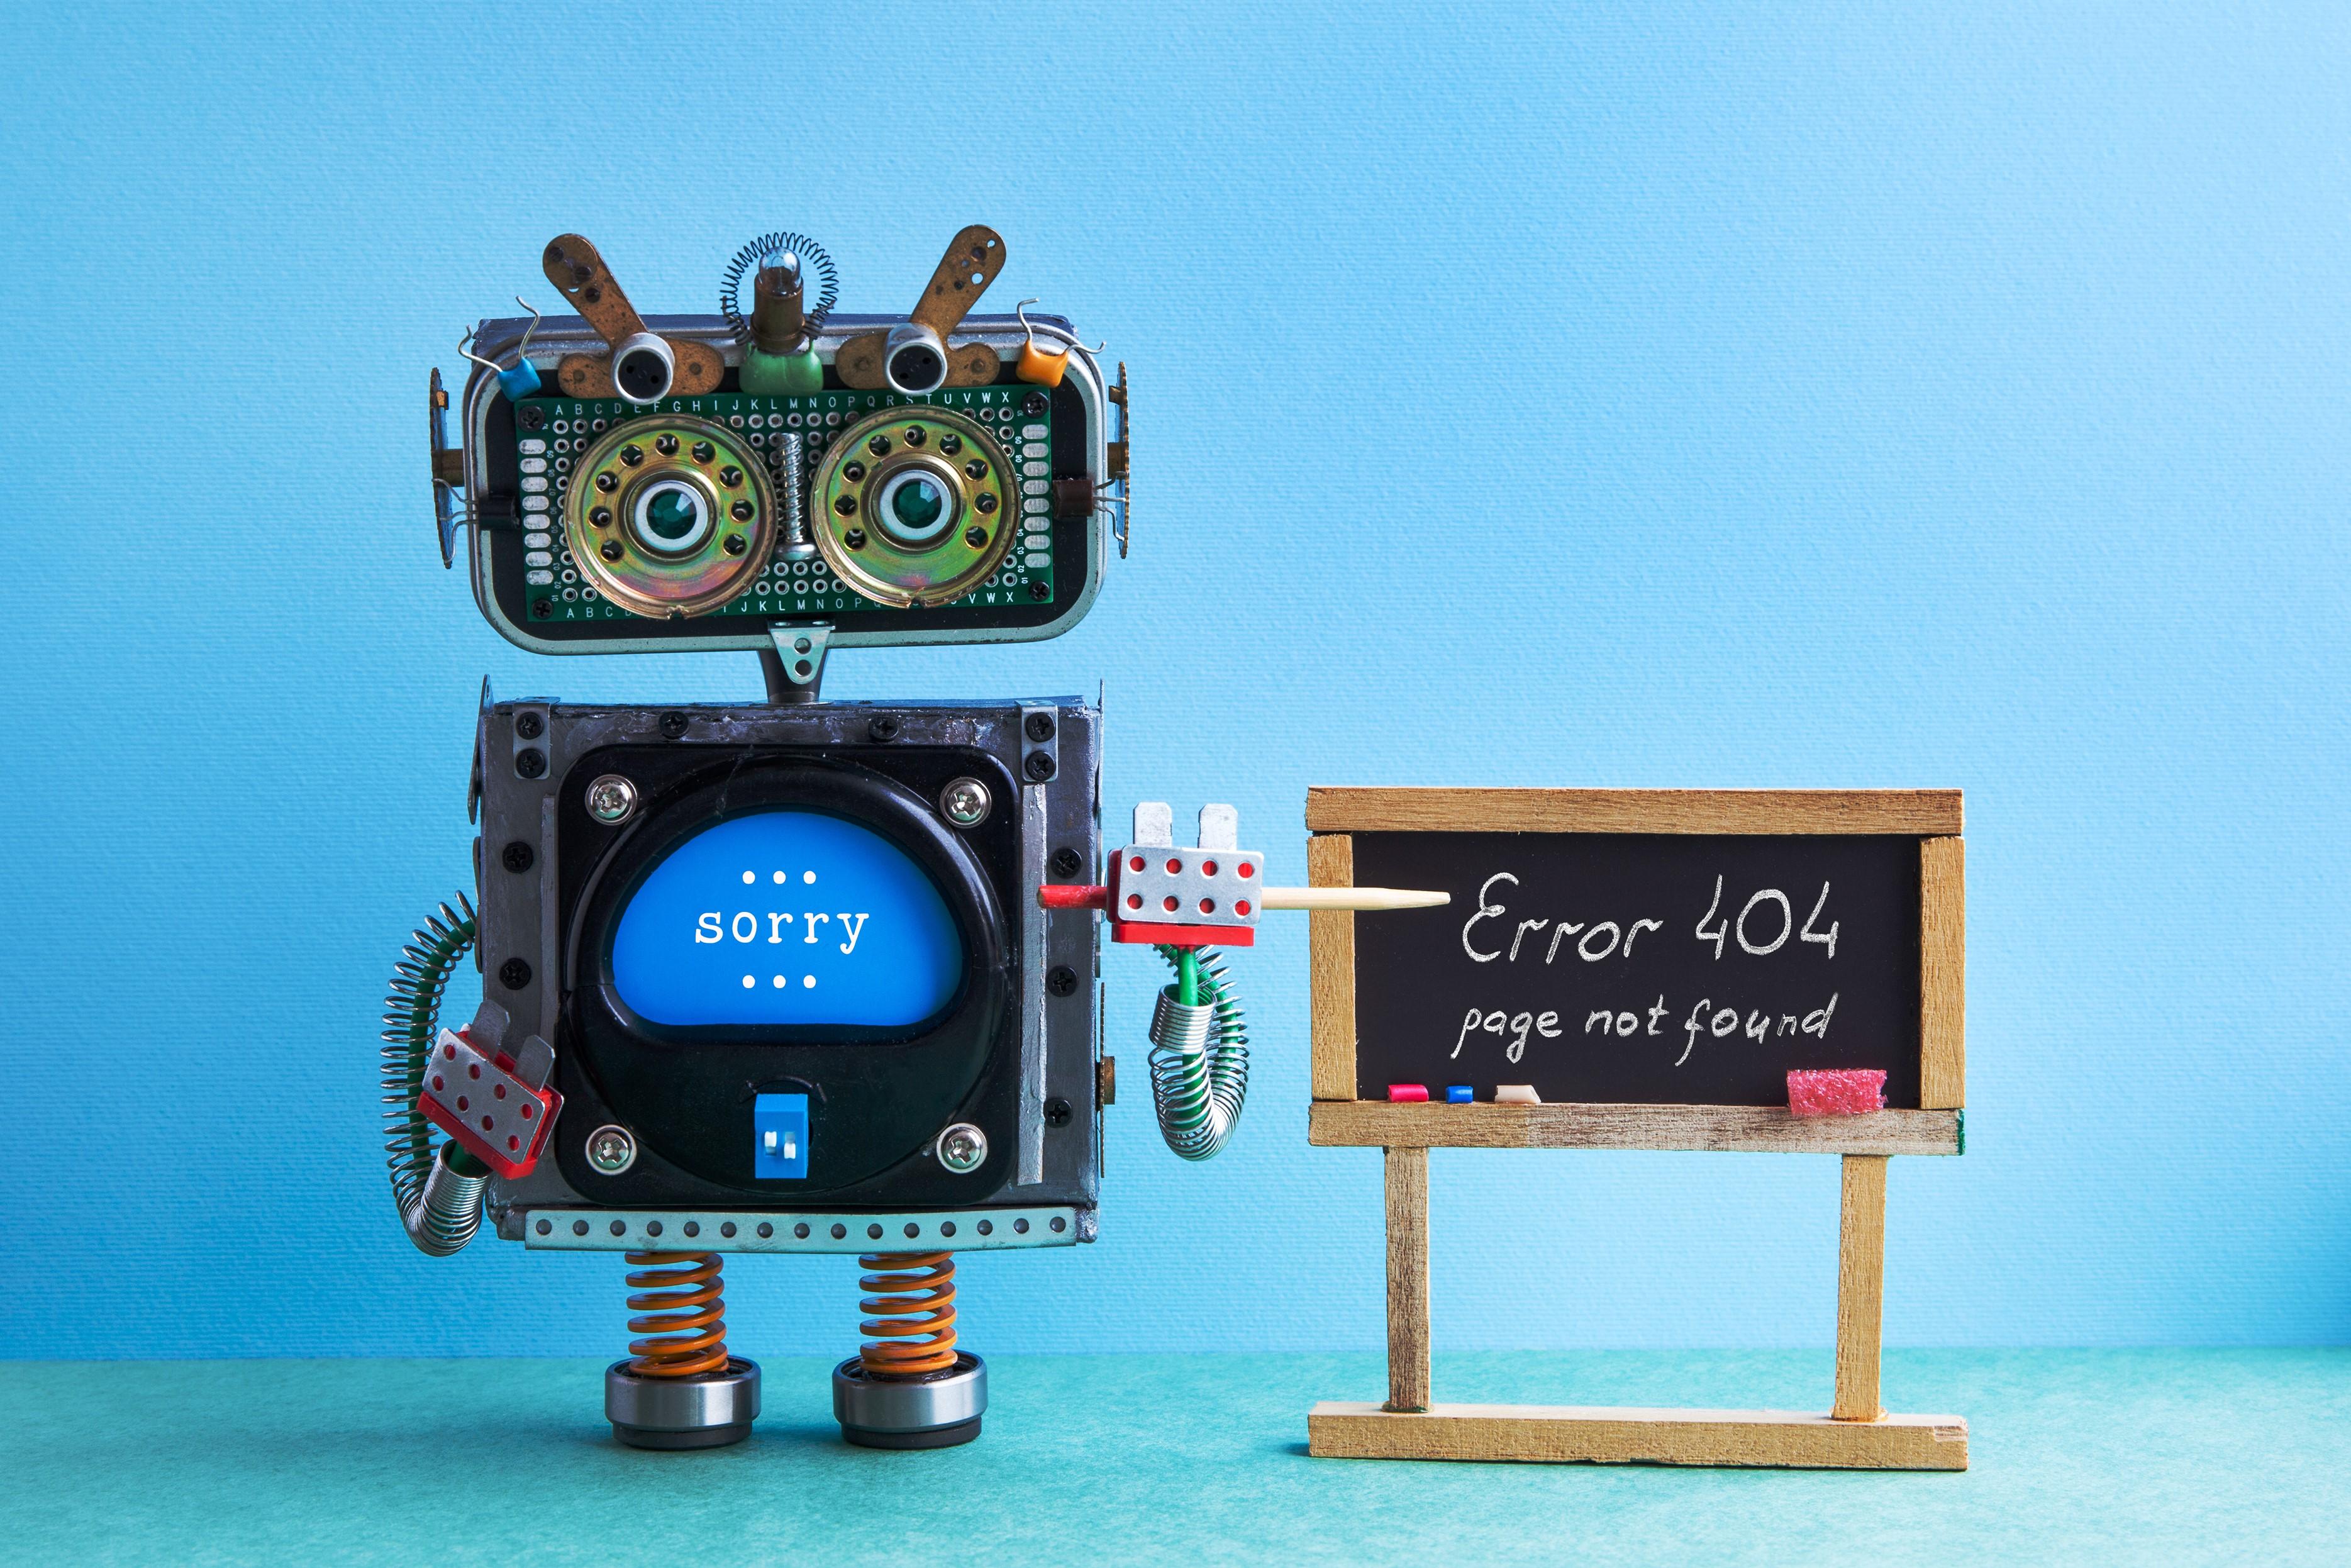 404-error-page-not-found-robot-teacher-with-SL9TR32